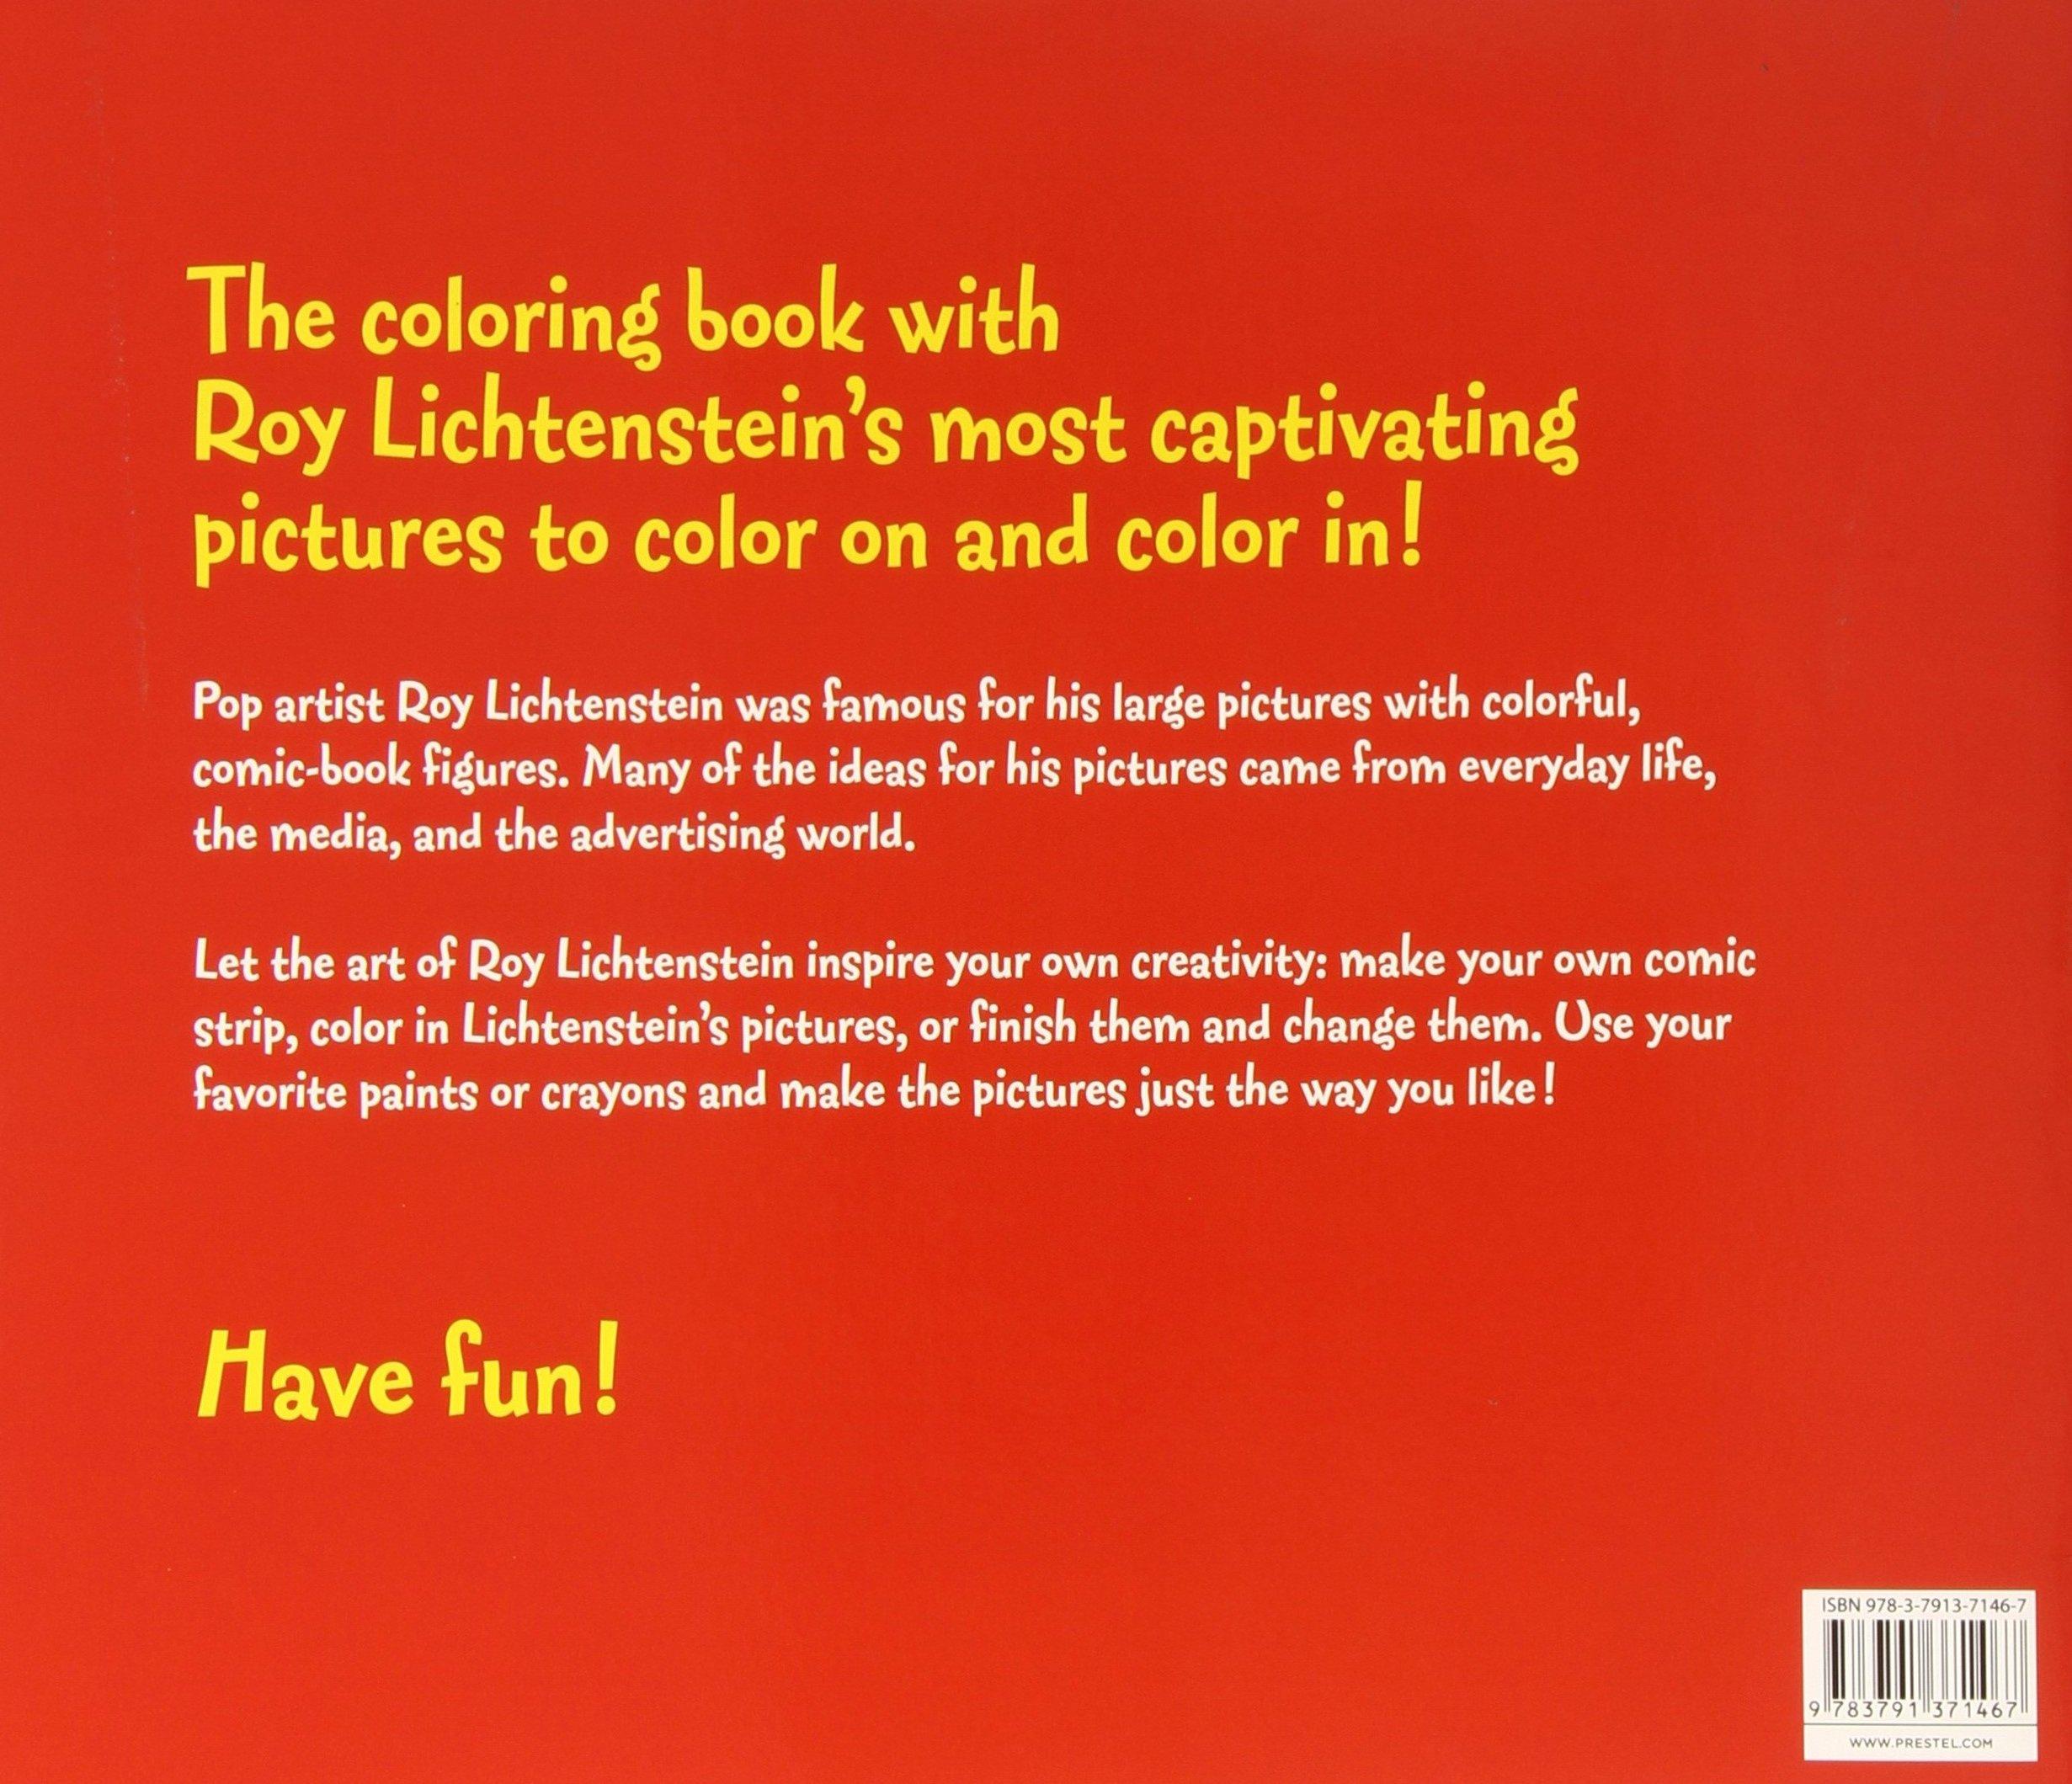 Roy lichtenstein coloring book prestel publishing 9783791371467 roy lichtenstein coloring book prestel publishing 9783791371467 amazon books voltagebd Images